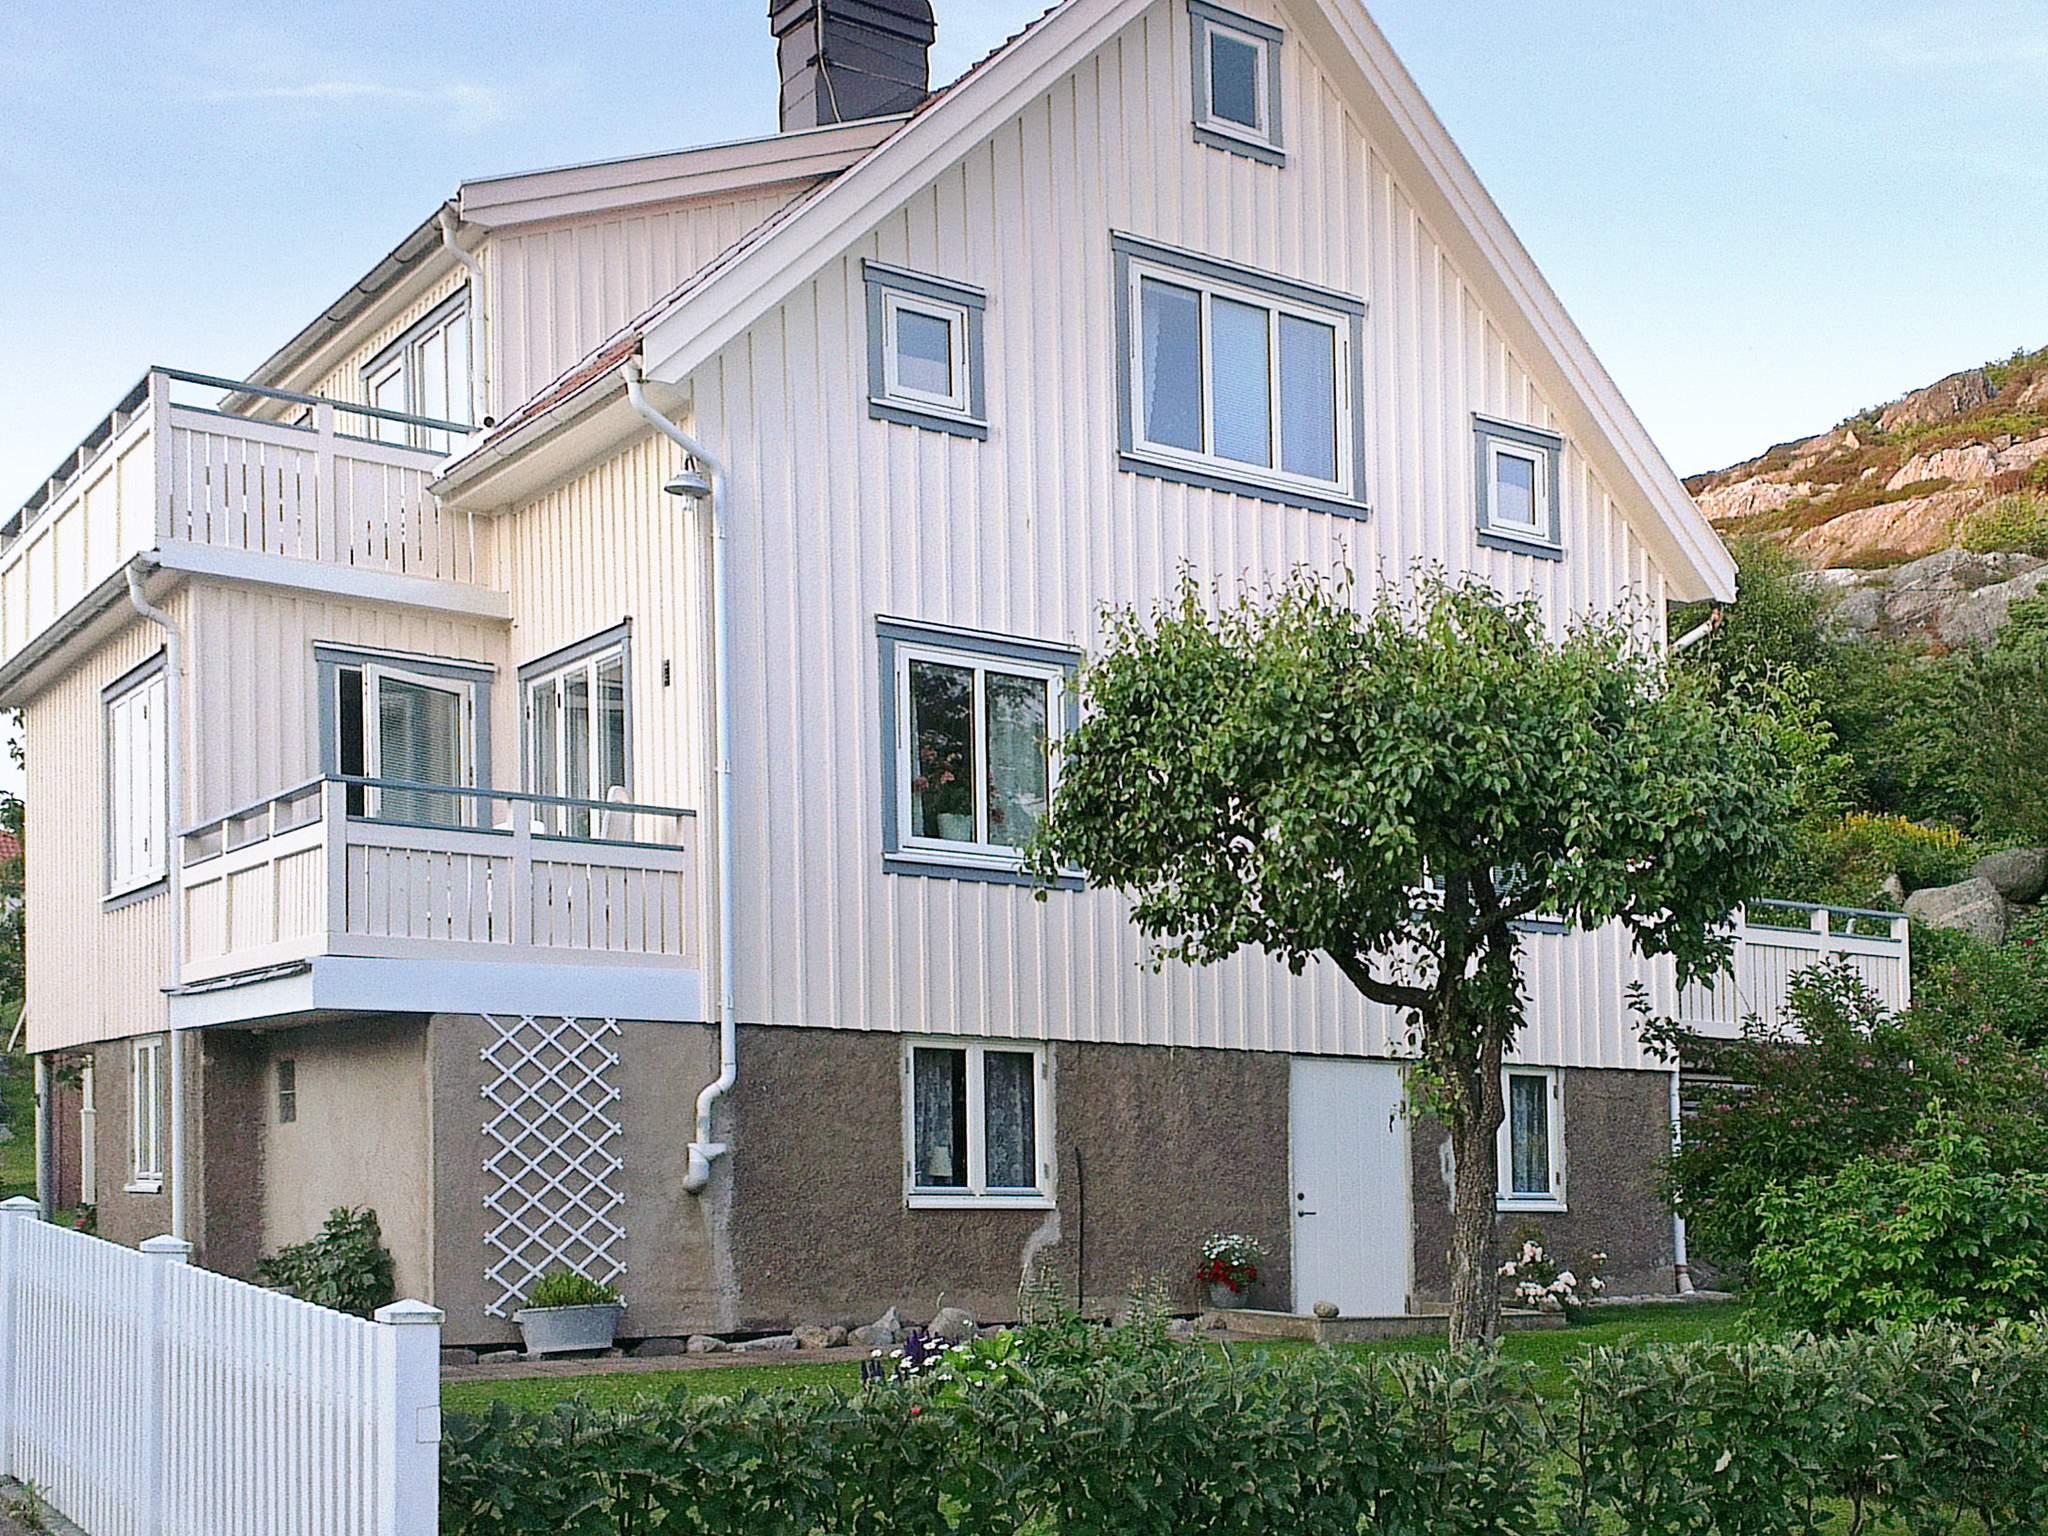 Ferienhaus Tjörn/Skärhamn (1625444), Skärhamn, Tjörn, Westschweden, Schweden, Bild 10